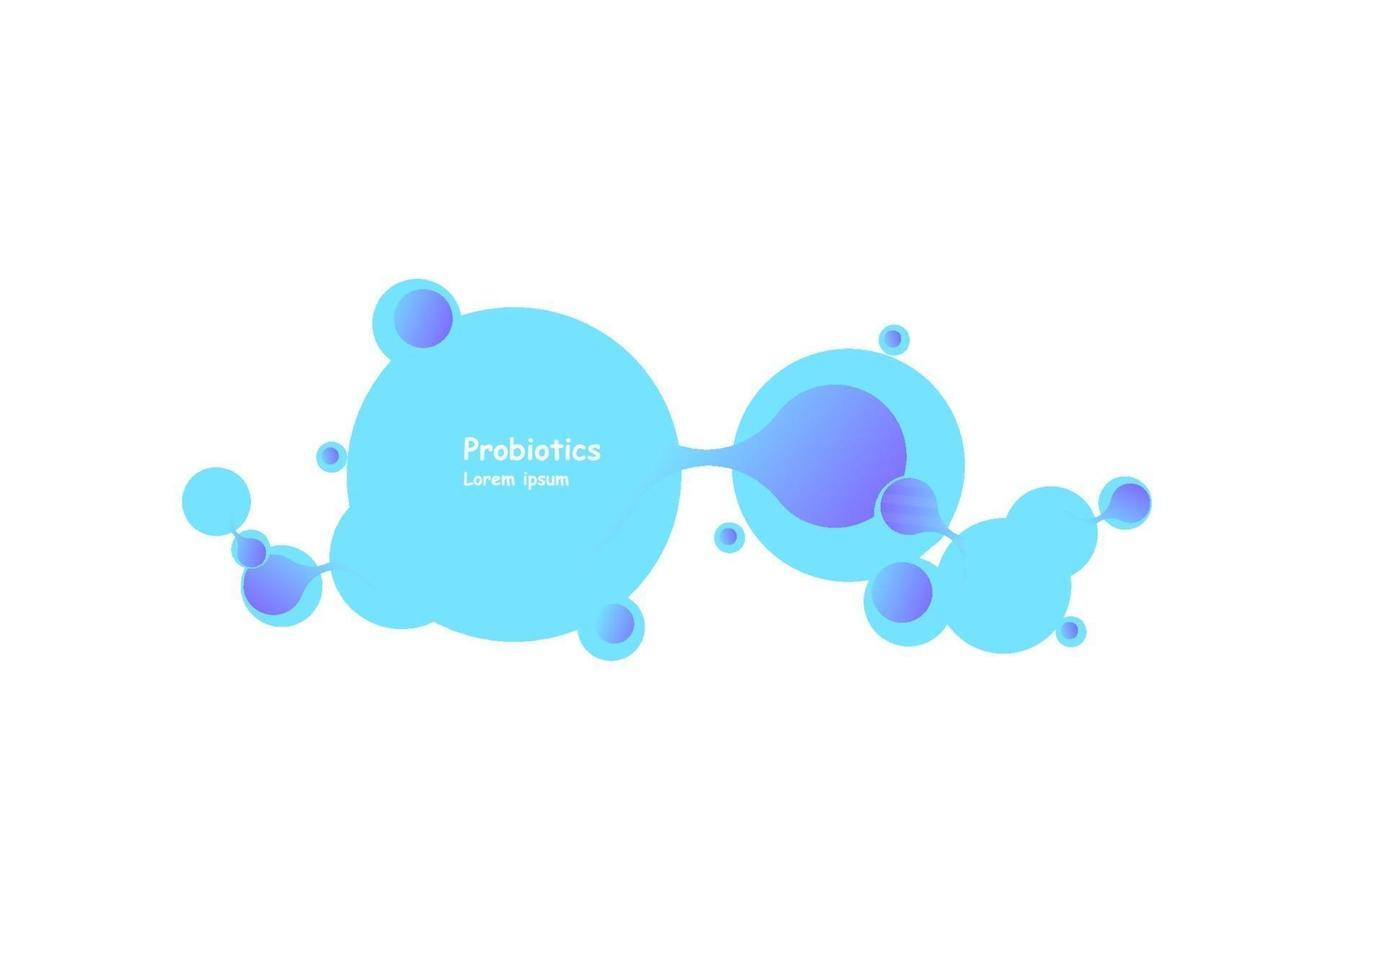 probiotika bakterier vektor design. probiotika bakterier vektor design.